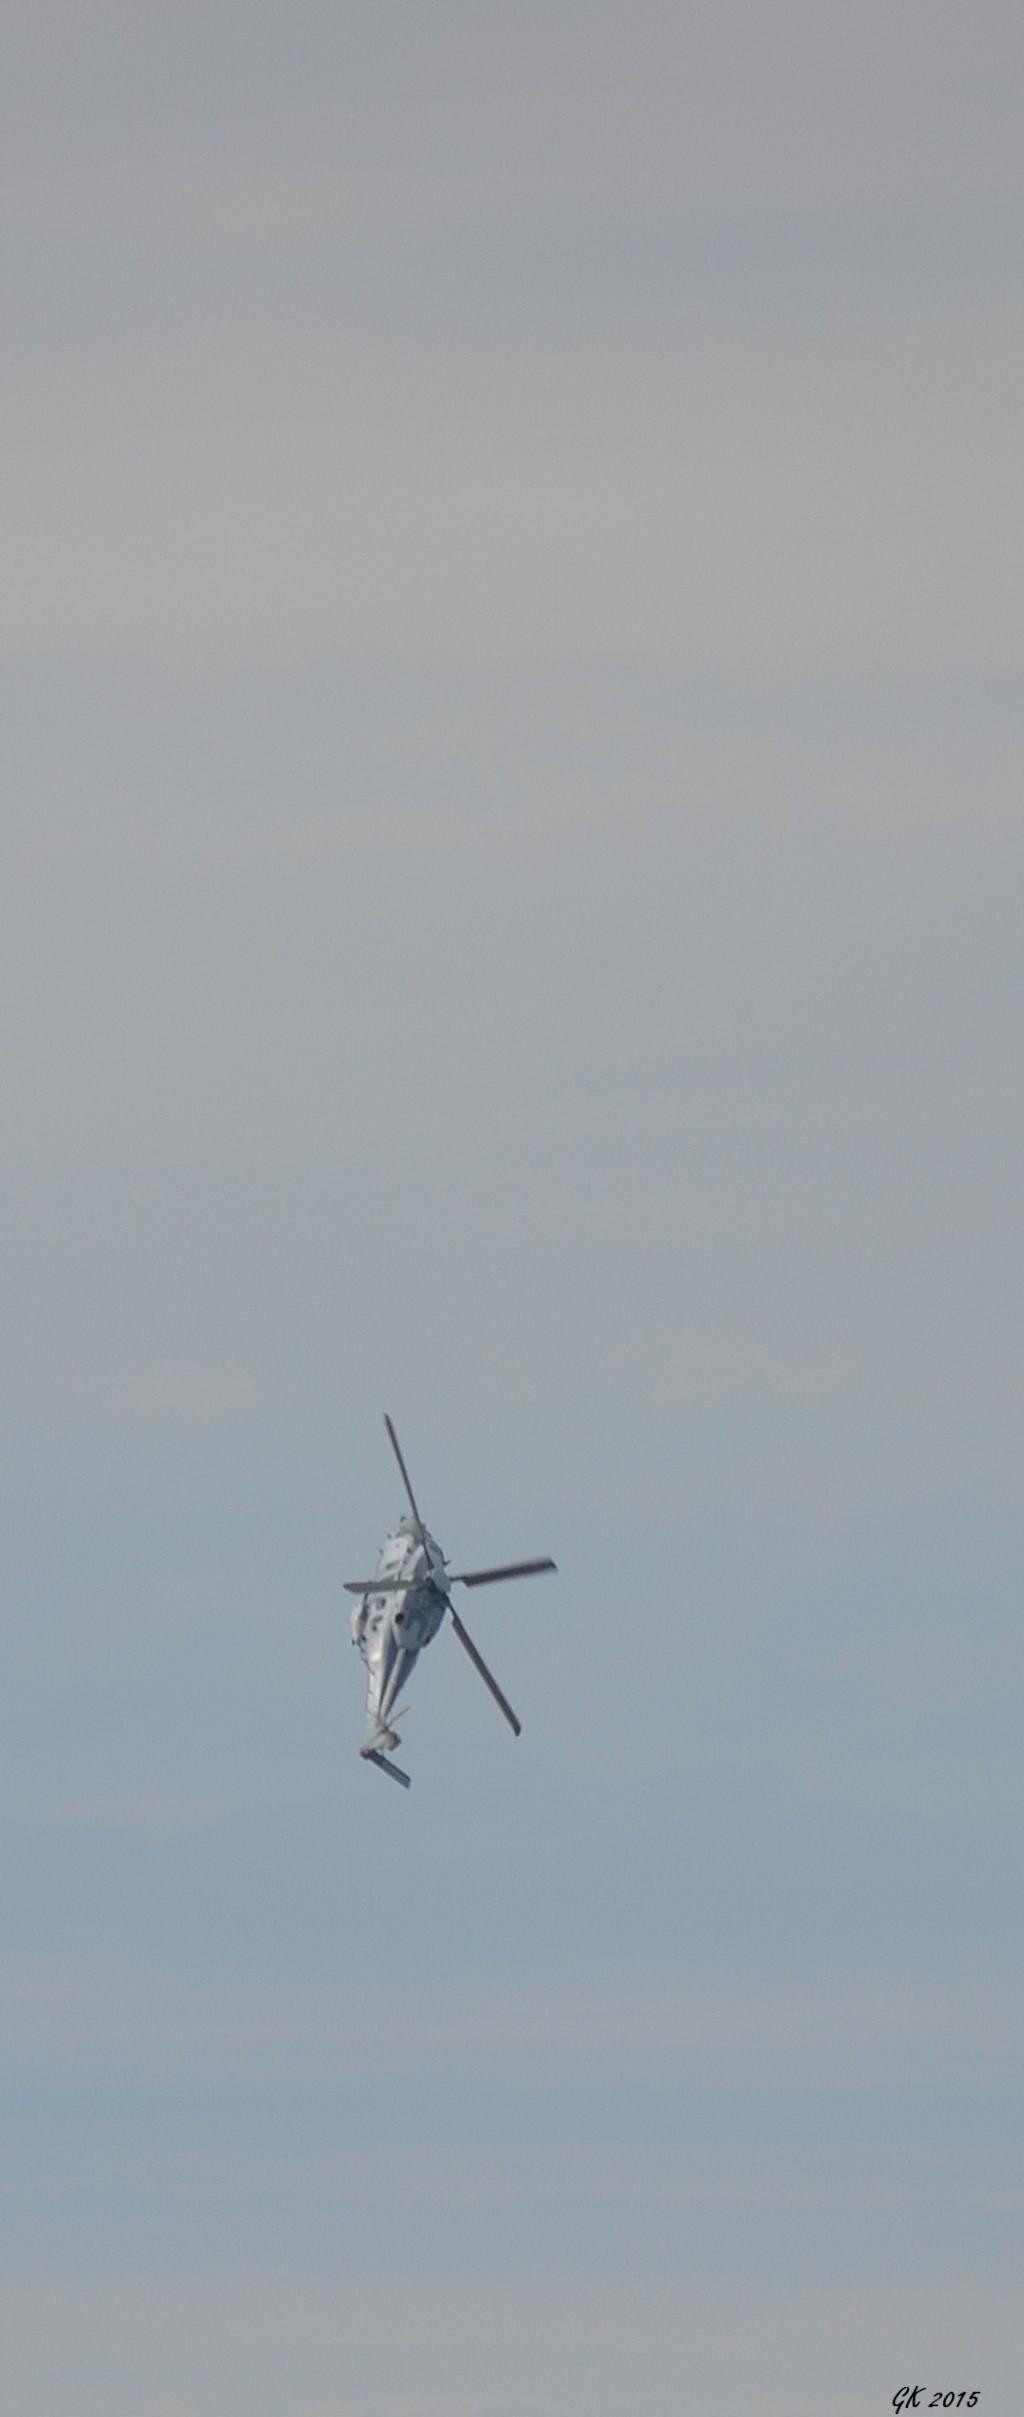 [Aéronavale divers] Hélico NH90 - Page 5 Dsc_1713